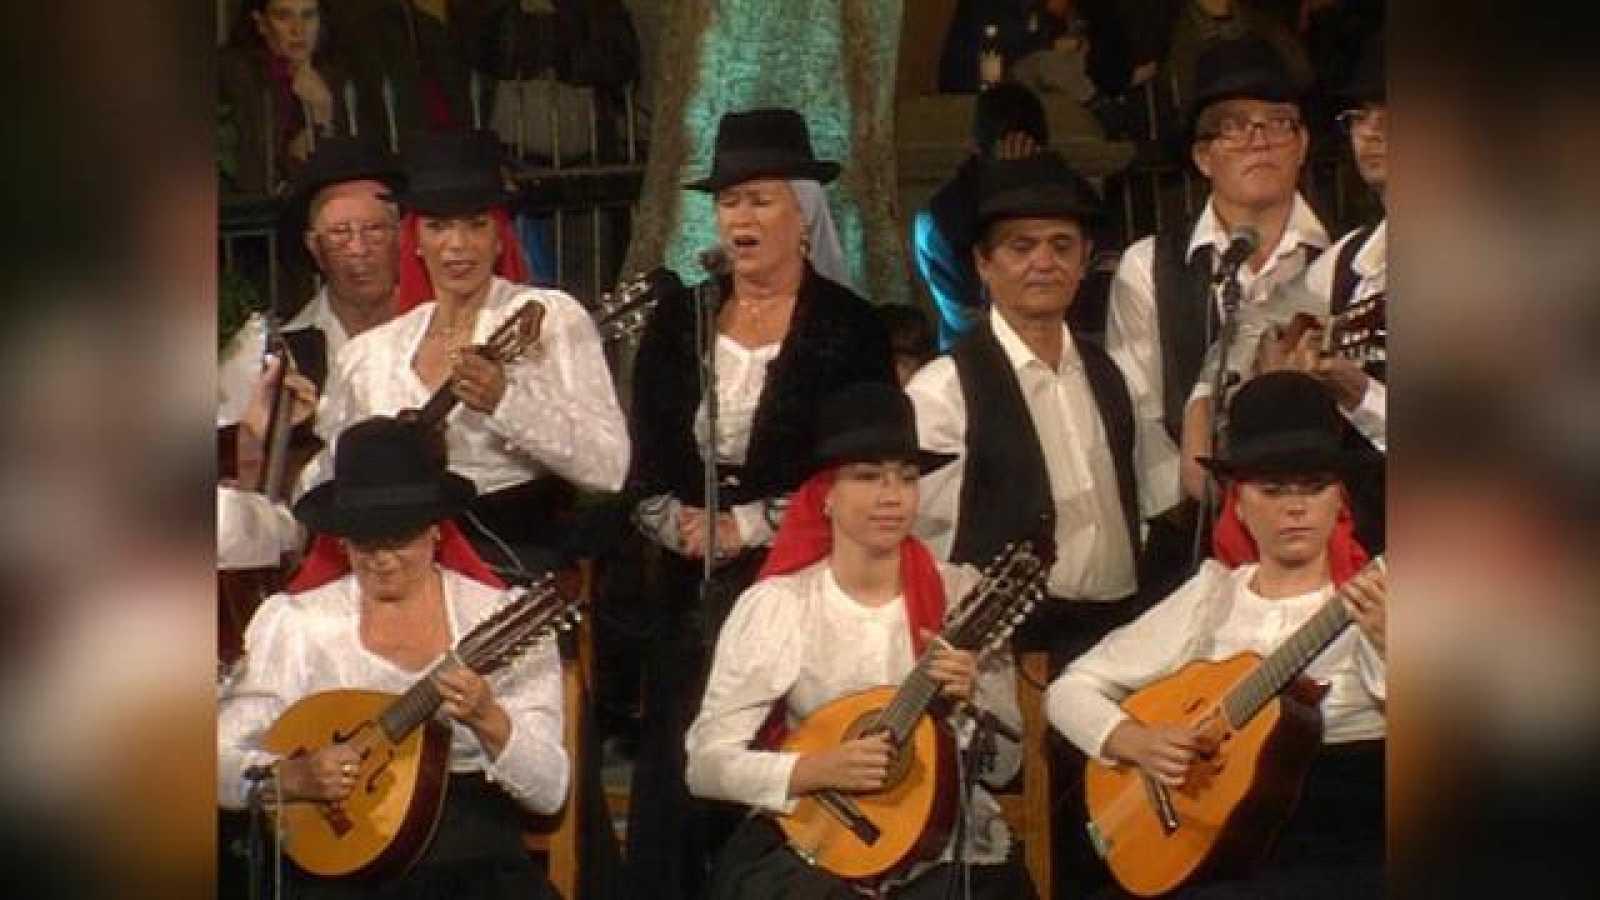 Tenderete - 18/04/2021 con A.F. Los Cebolleros, A.F. Echentive, Non Trubada y Parranda del Millo con solistas (2002)